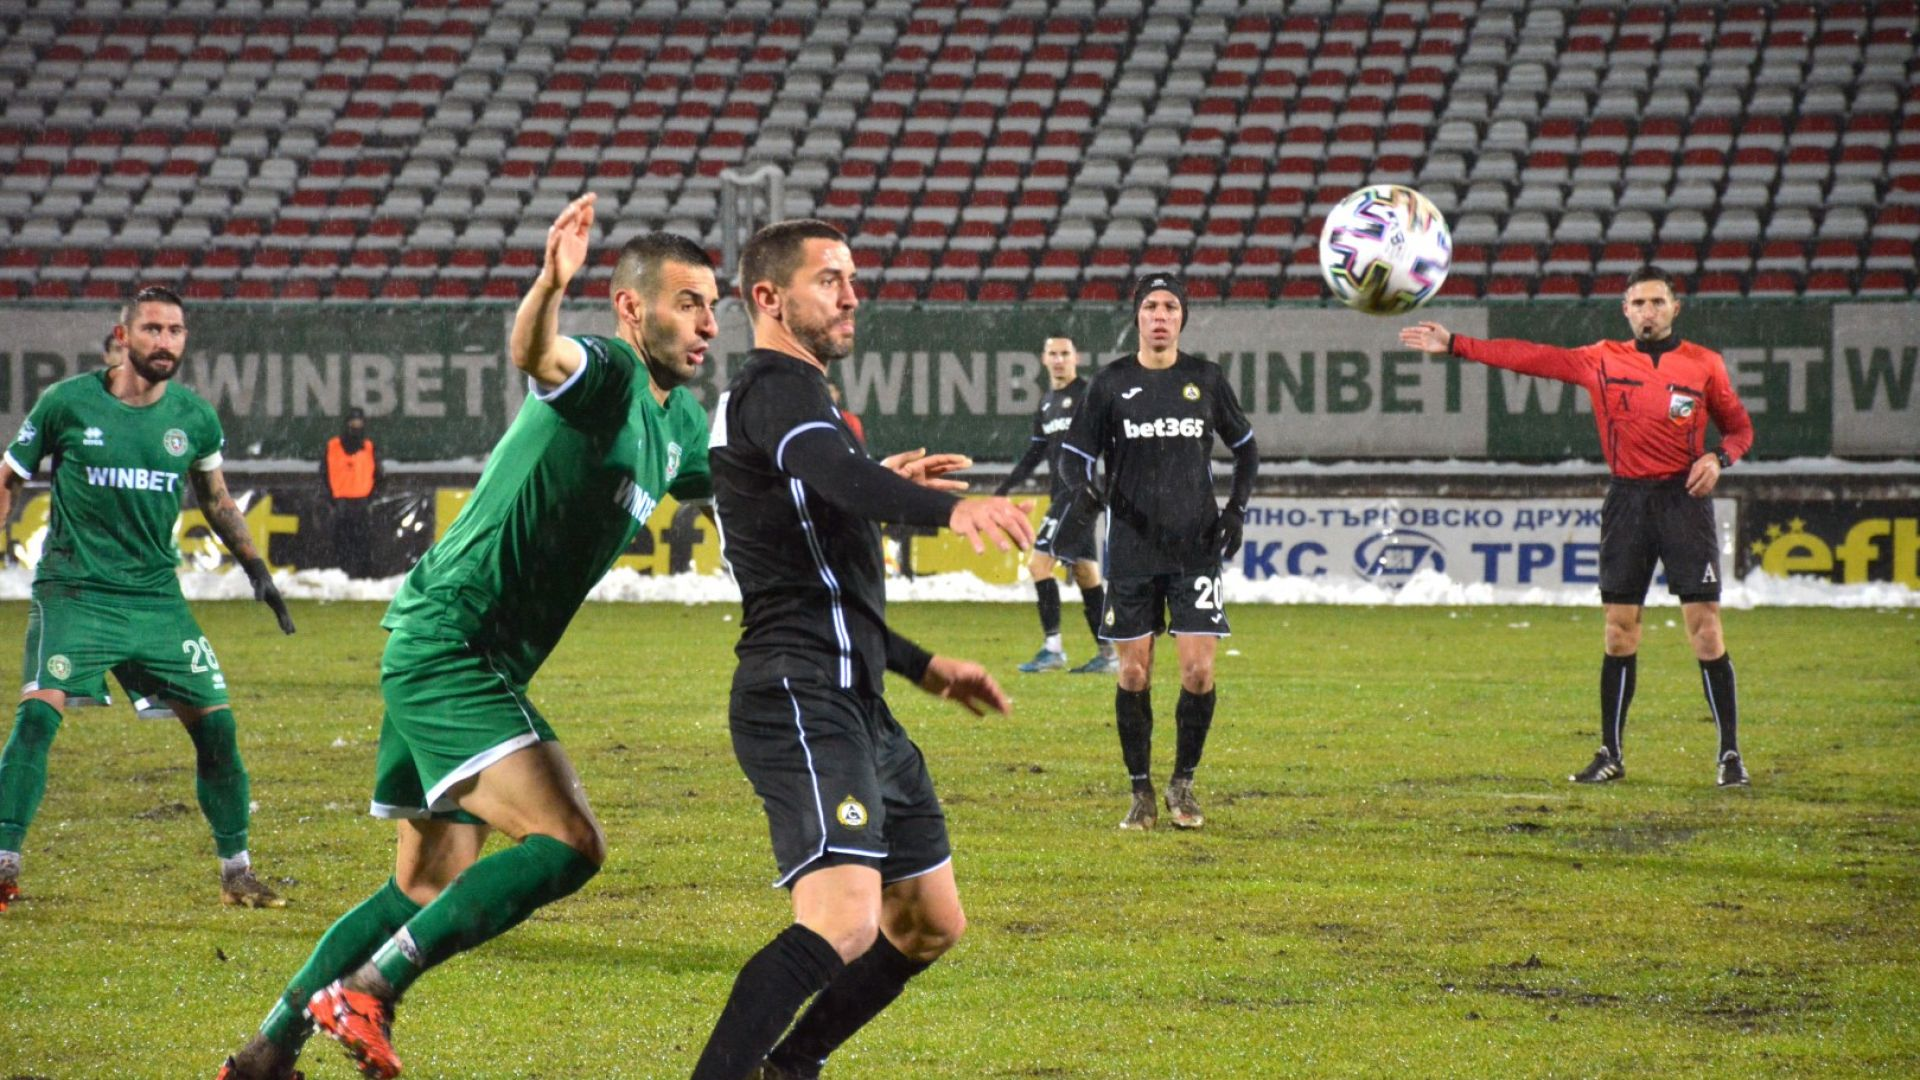 Славия взе живителни точки във врачанската кал, Рангелов с гол за родния клуб след 14 години